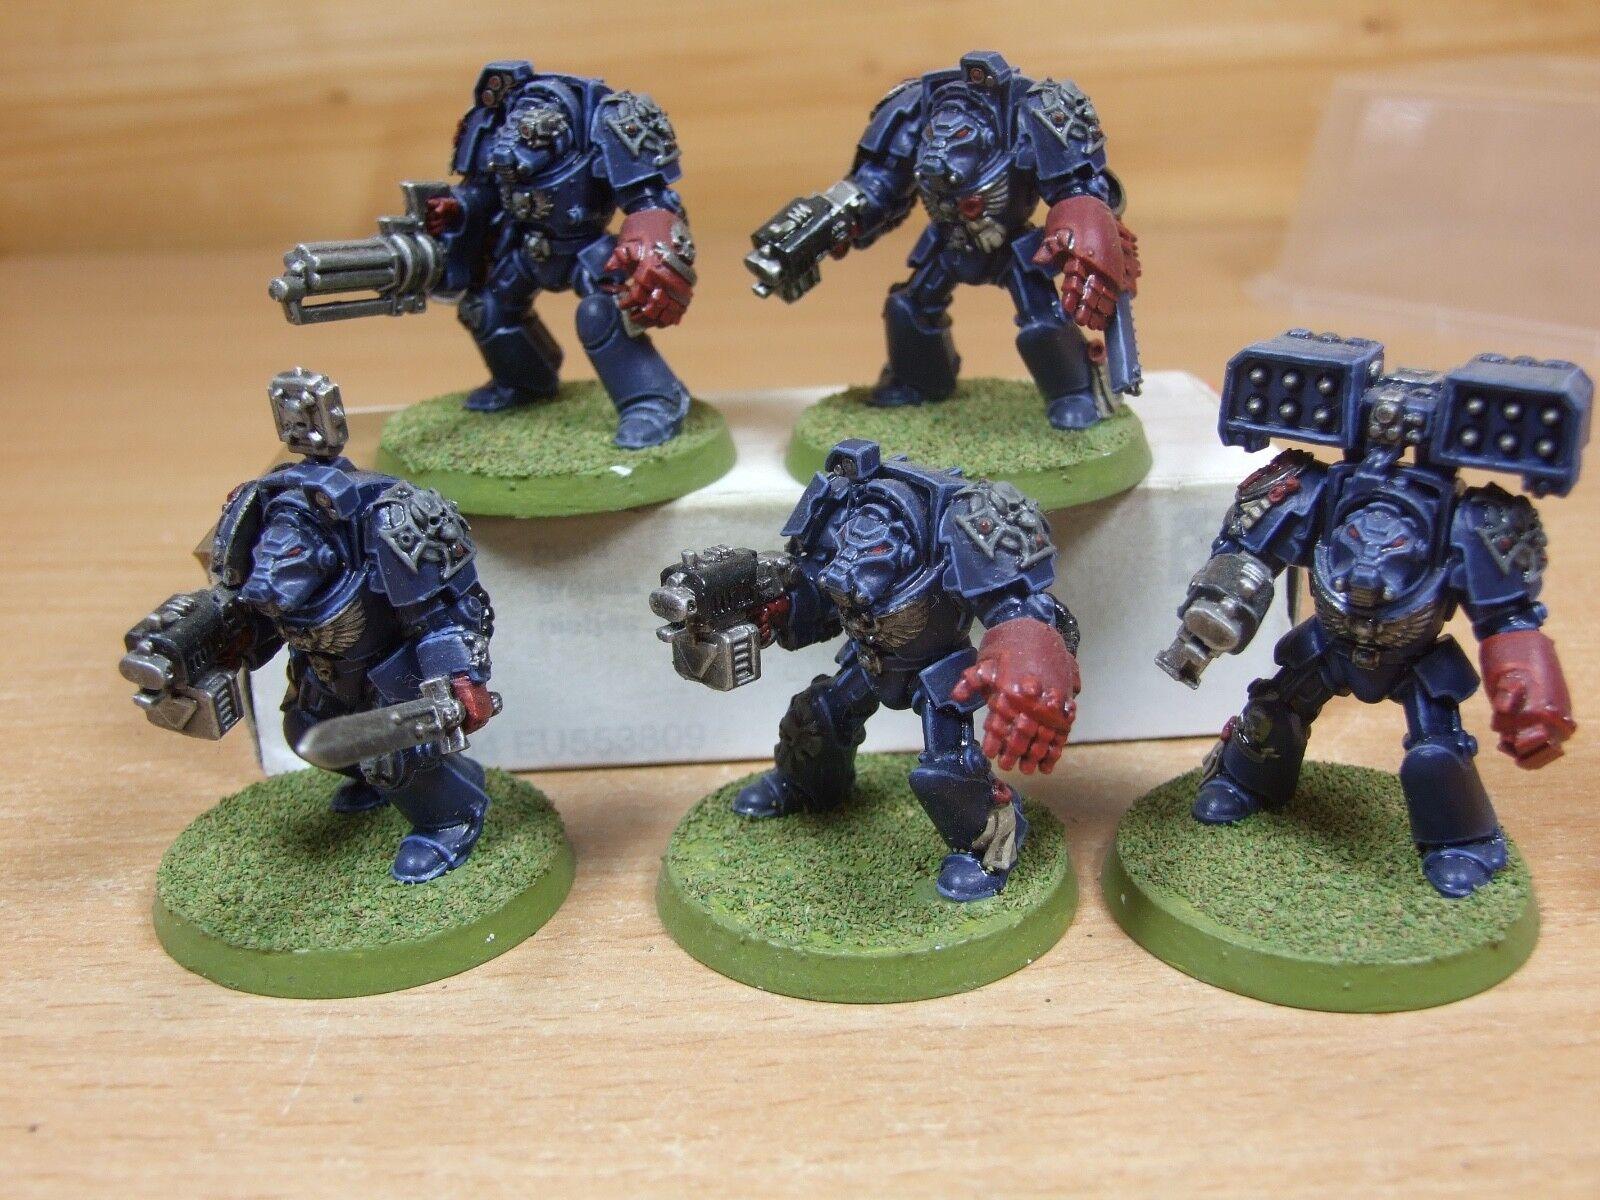 5 Plastique warhammer space marine crimson fists Terminators bien peint (4054)